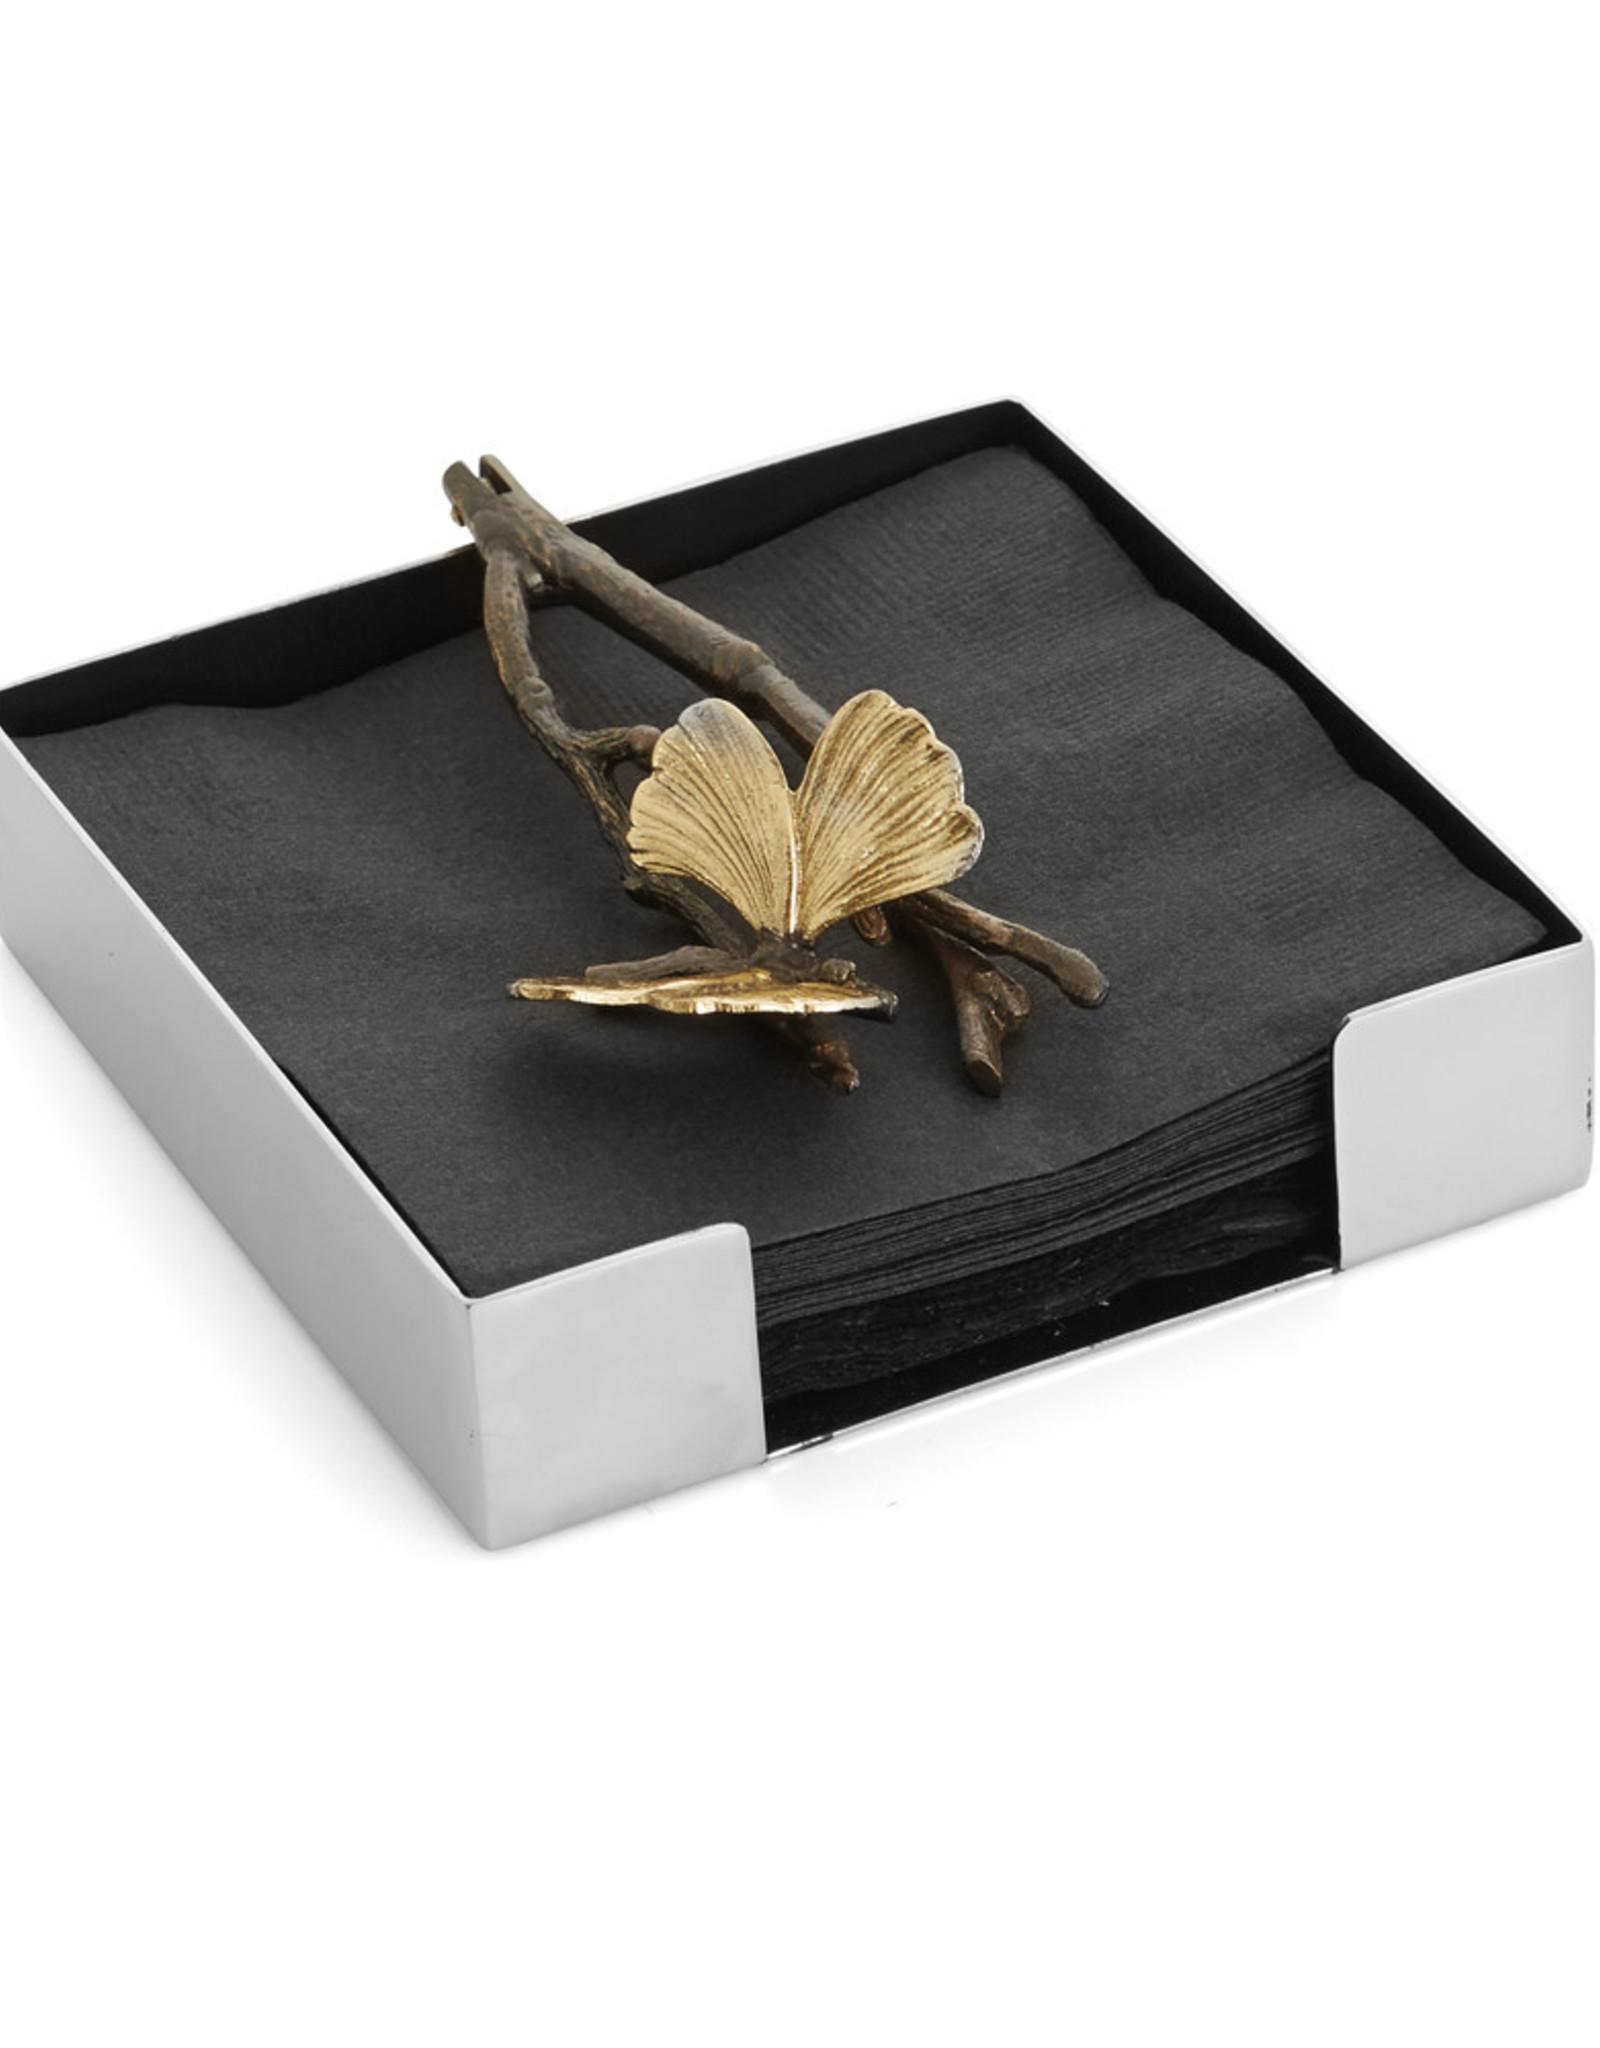 Michael Aram Butterfly Gingko Cocktail Napkin Holder